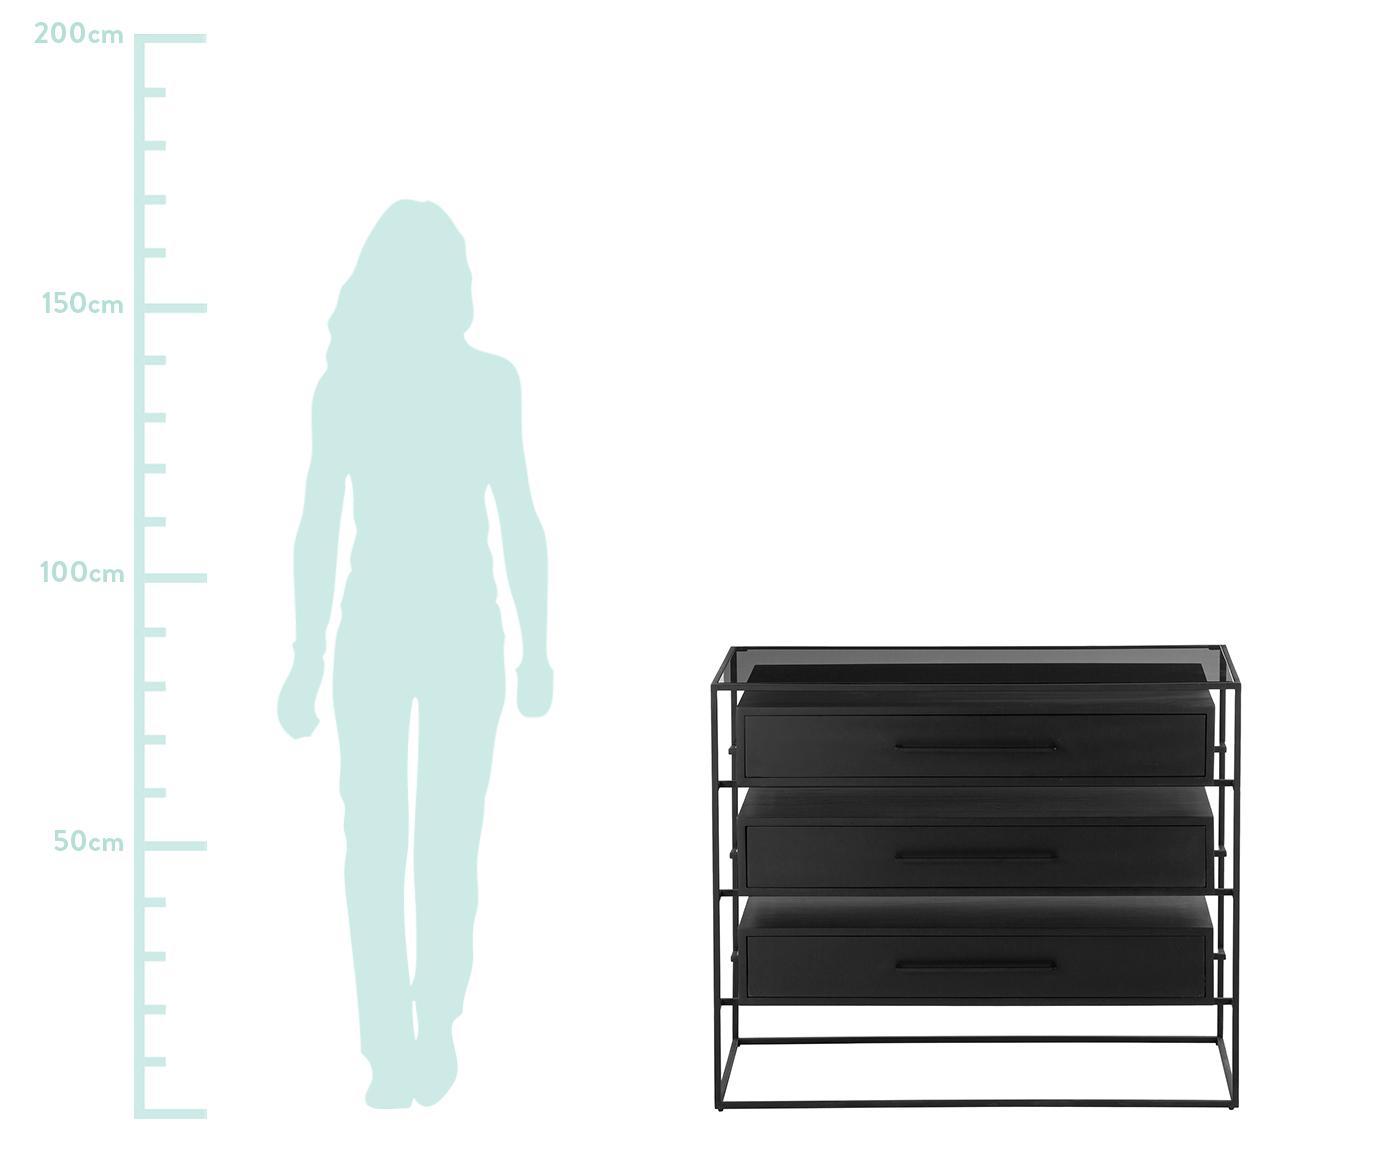 Cómoda cajonera Lyle, con tablero de cristal, Estante: vidrio, Cajones: madera de mango, negro lacado Estructura y tiradores: negro, mate, An 100 x Al 82 cm